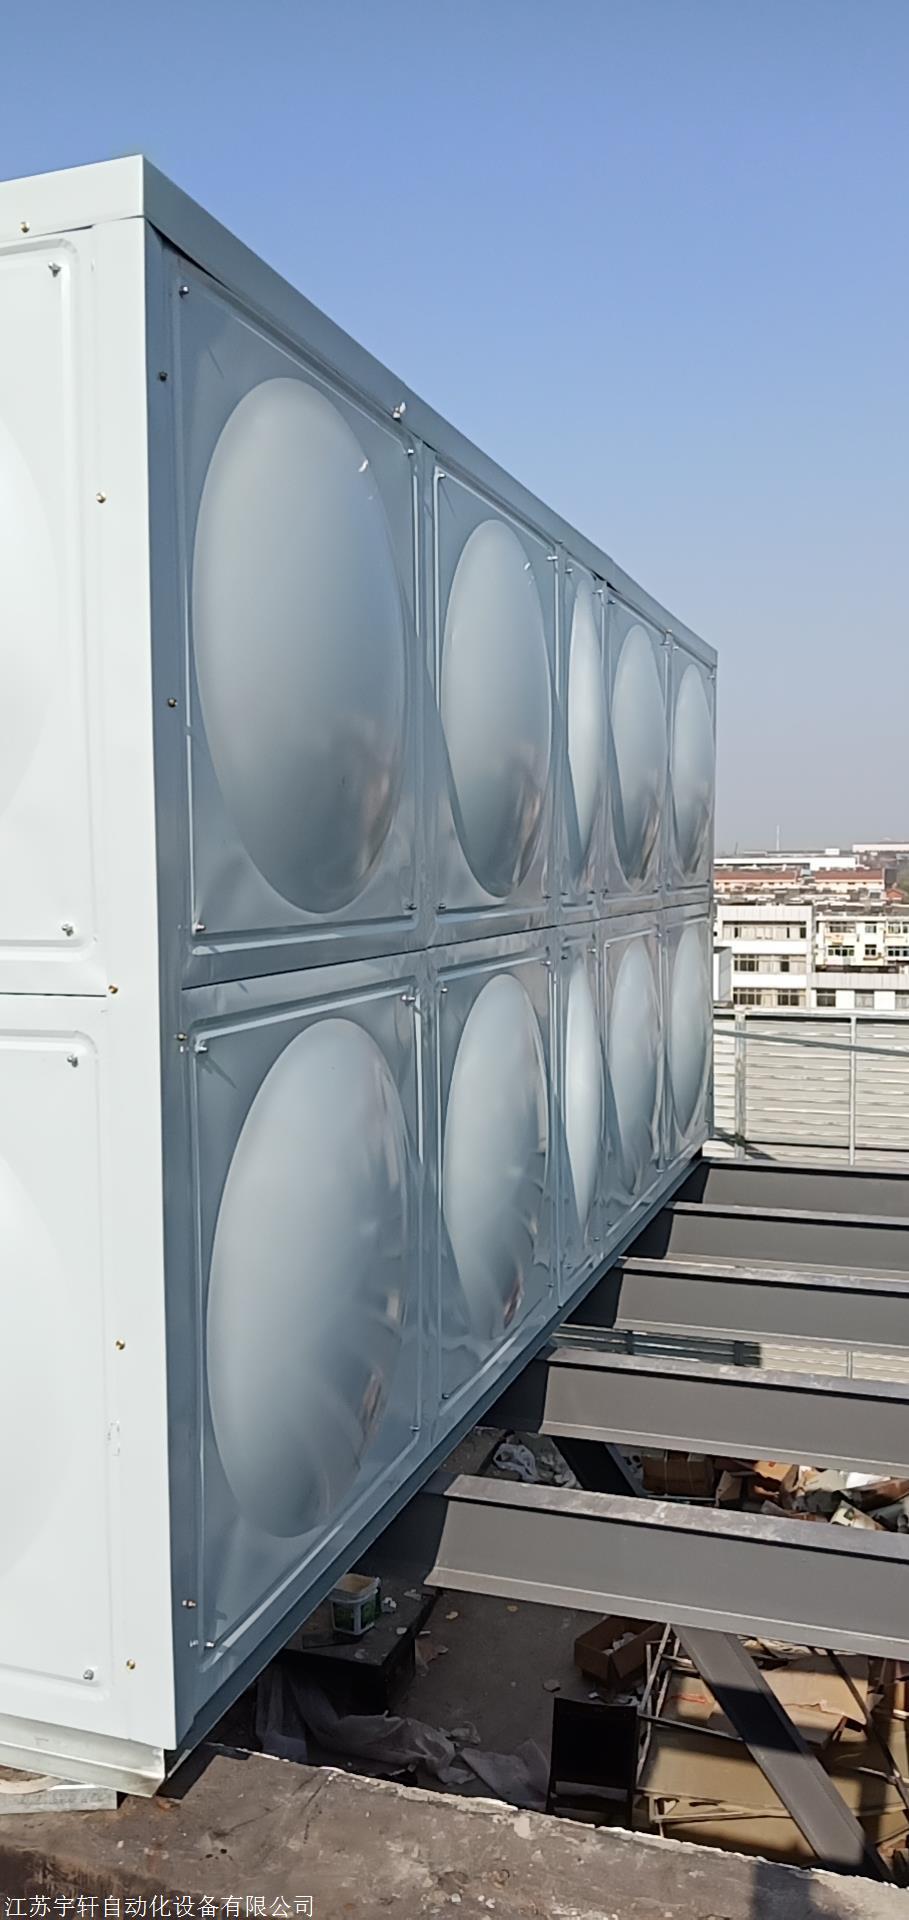 鞍山屋顶消防箱泵